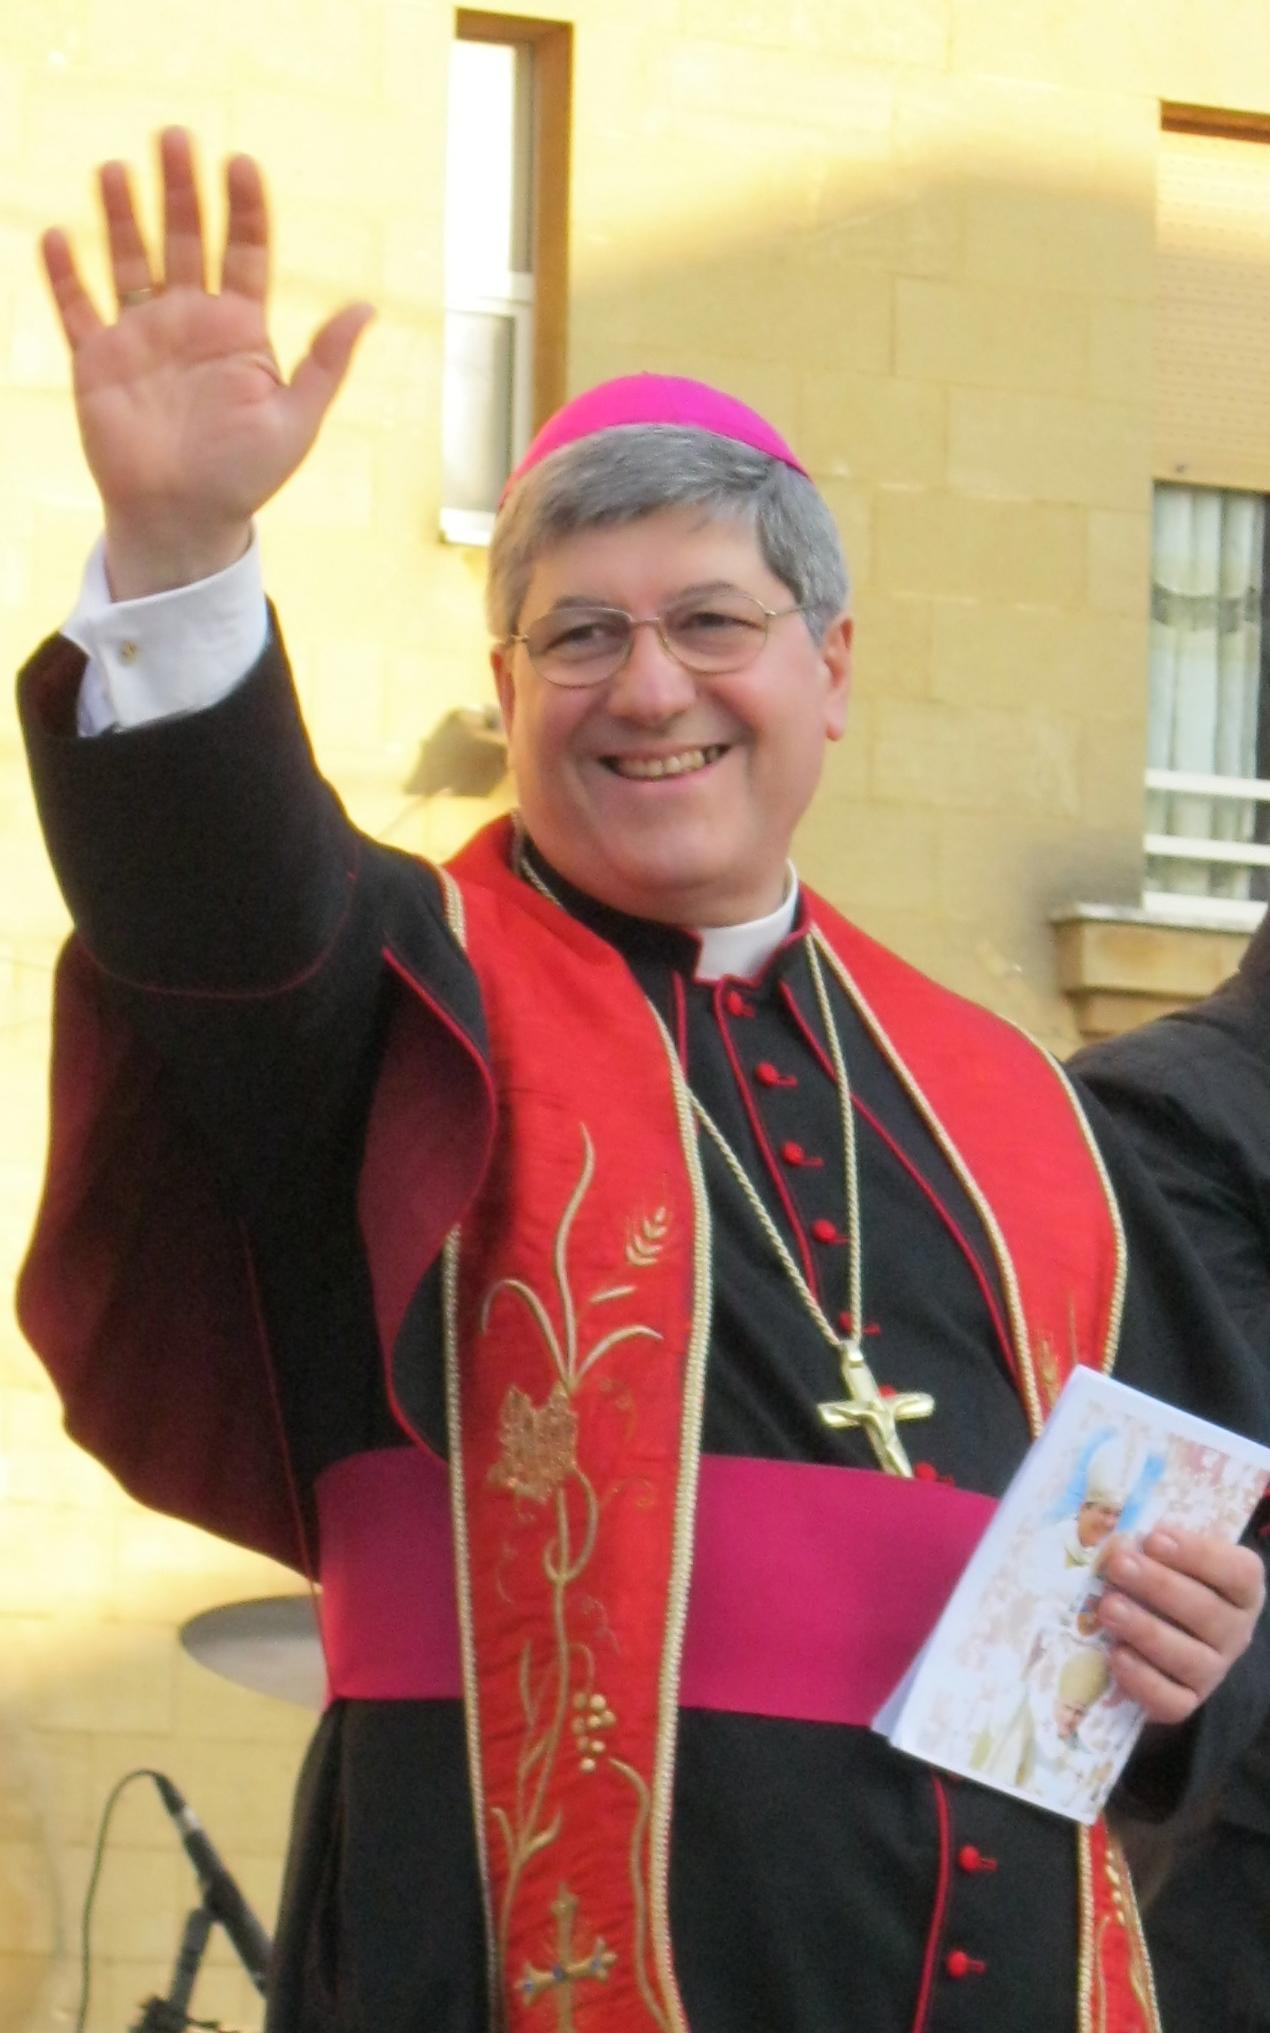 Vescovo Pisanello, 2012